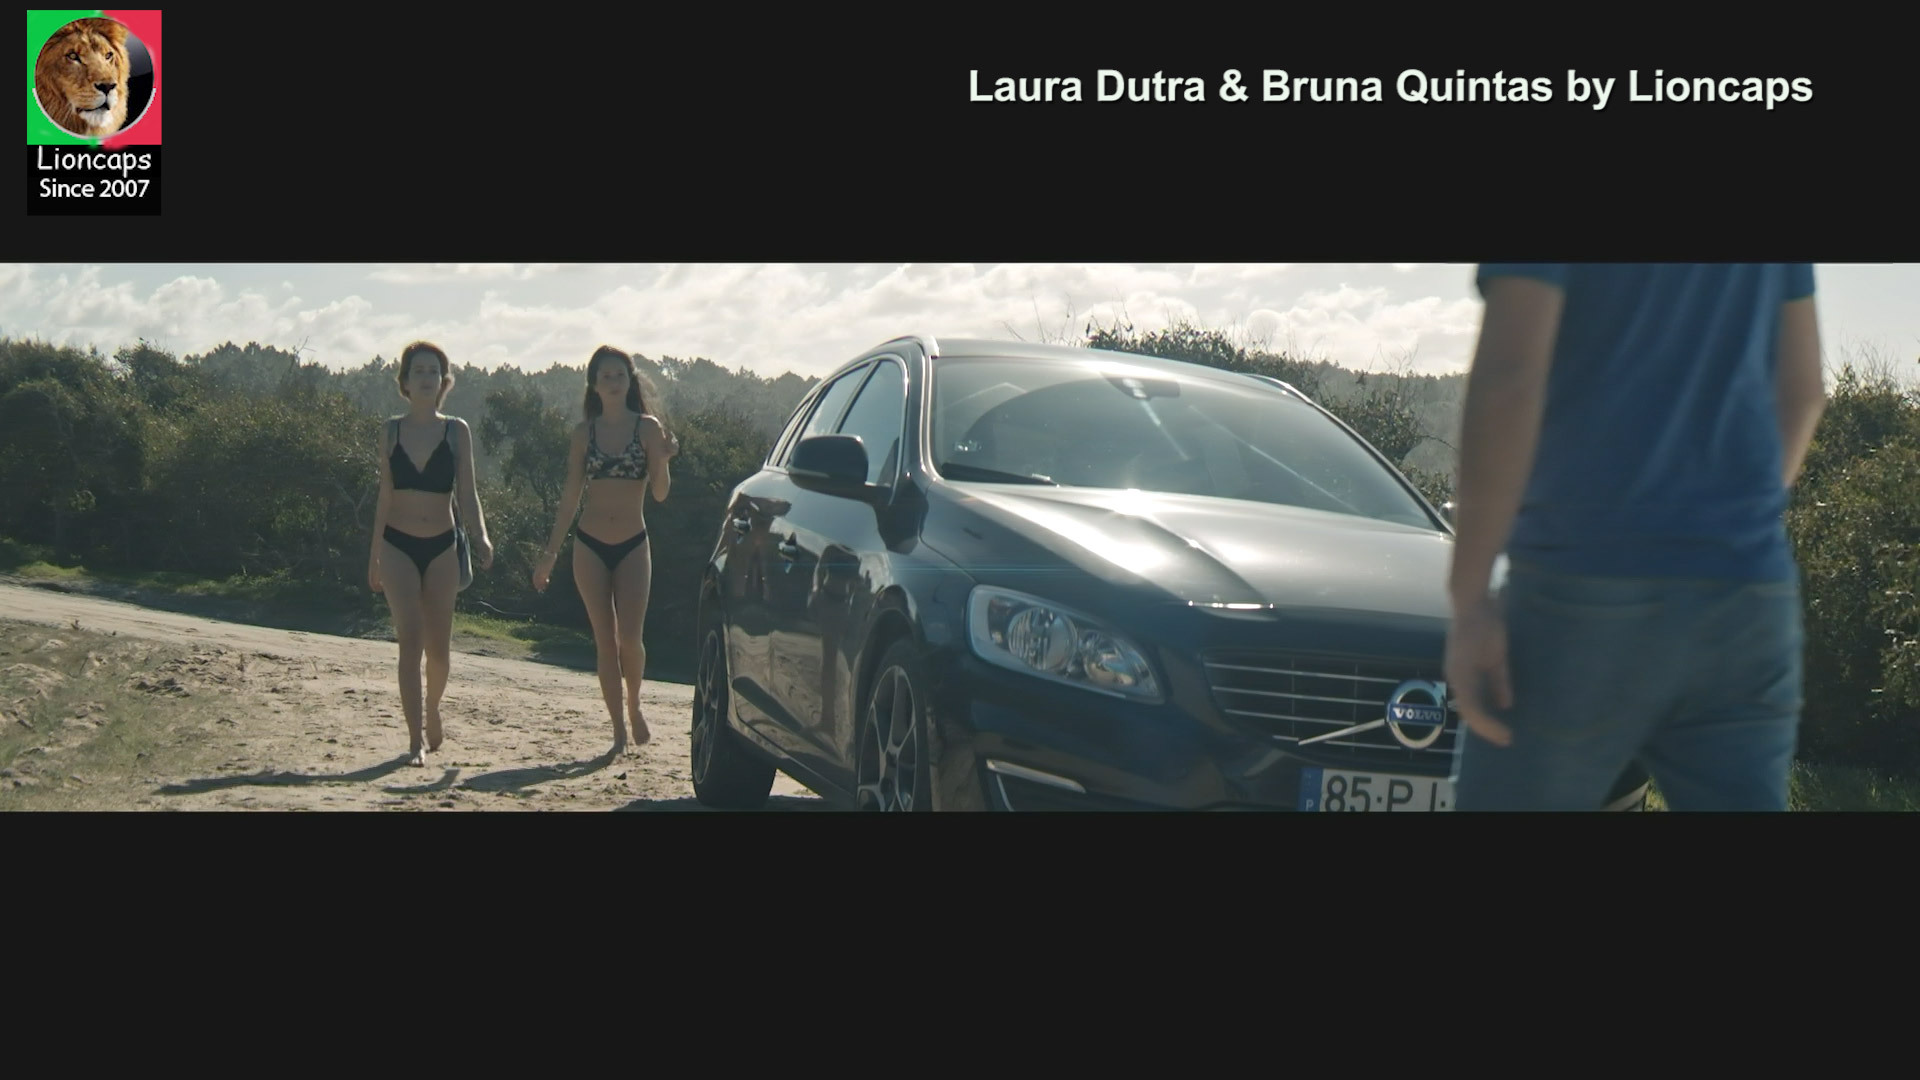 laura_dutra_bruna_quintas_impossibilidade_lioncaps_30_11_2020 (2).jpg